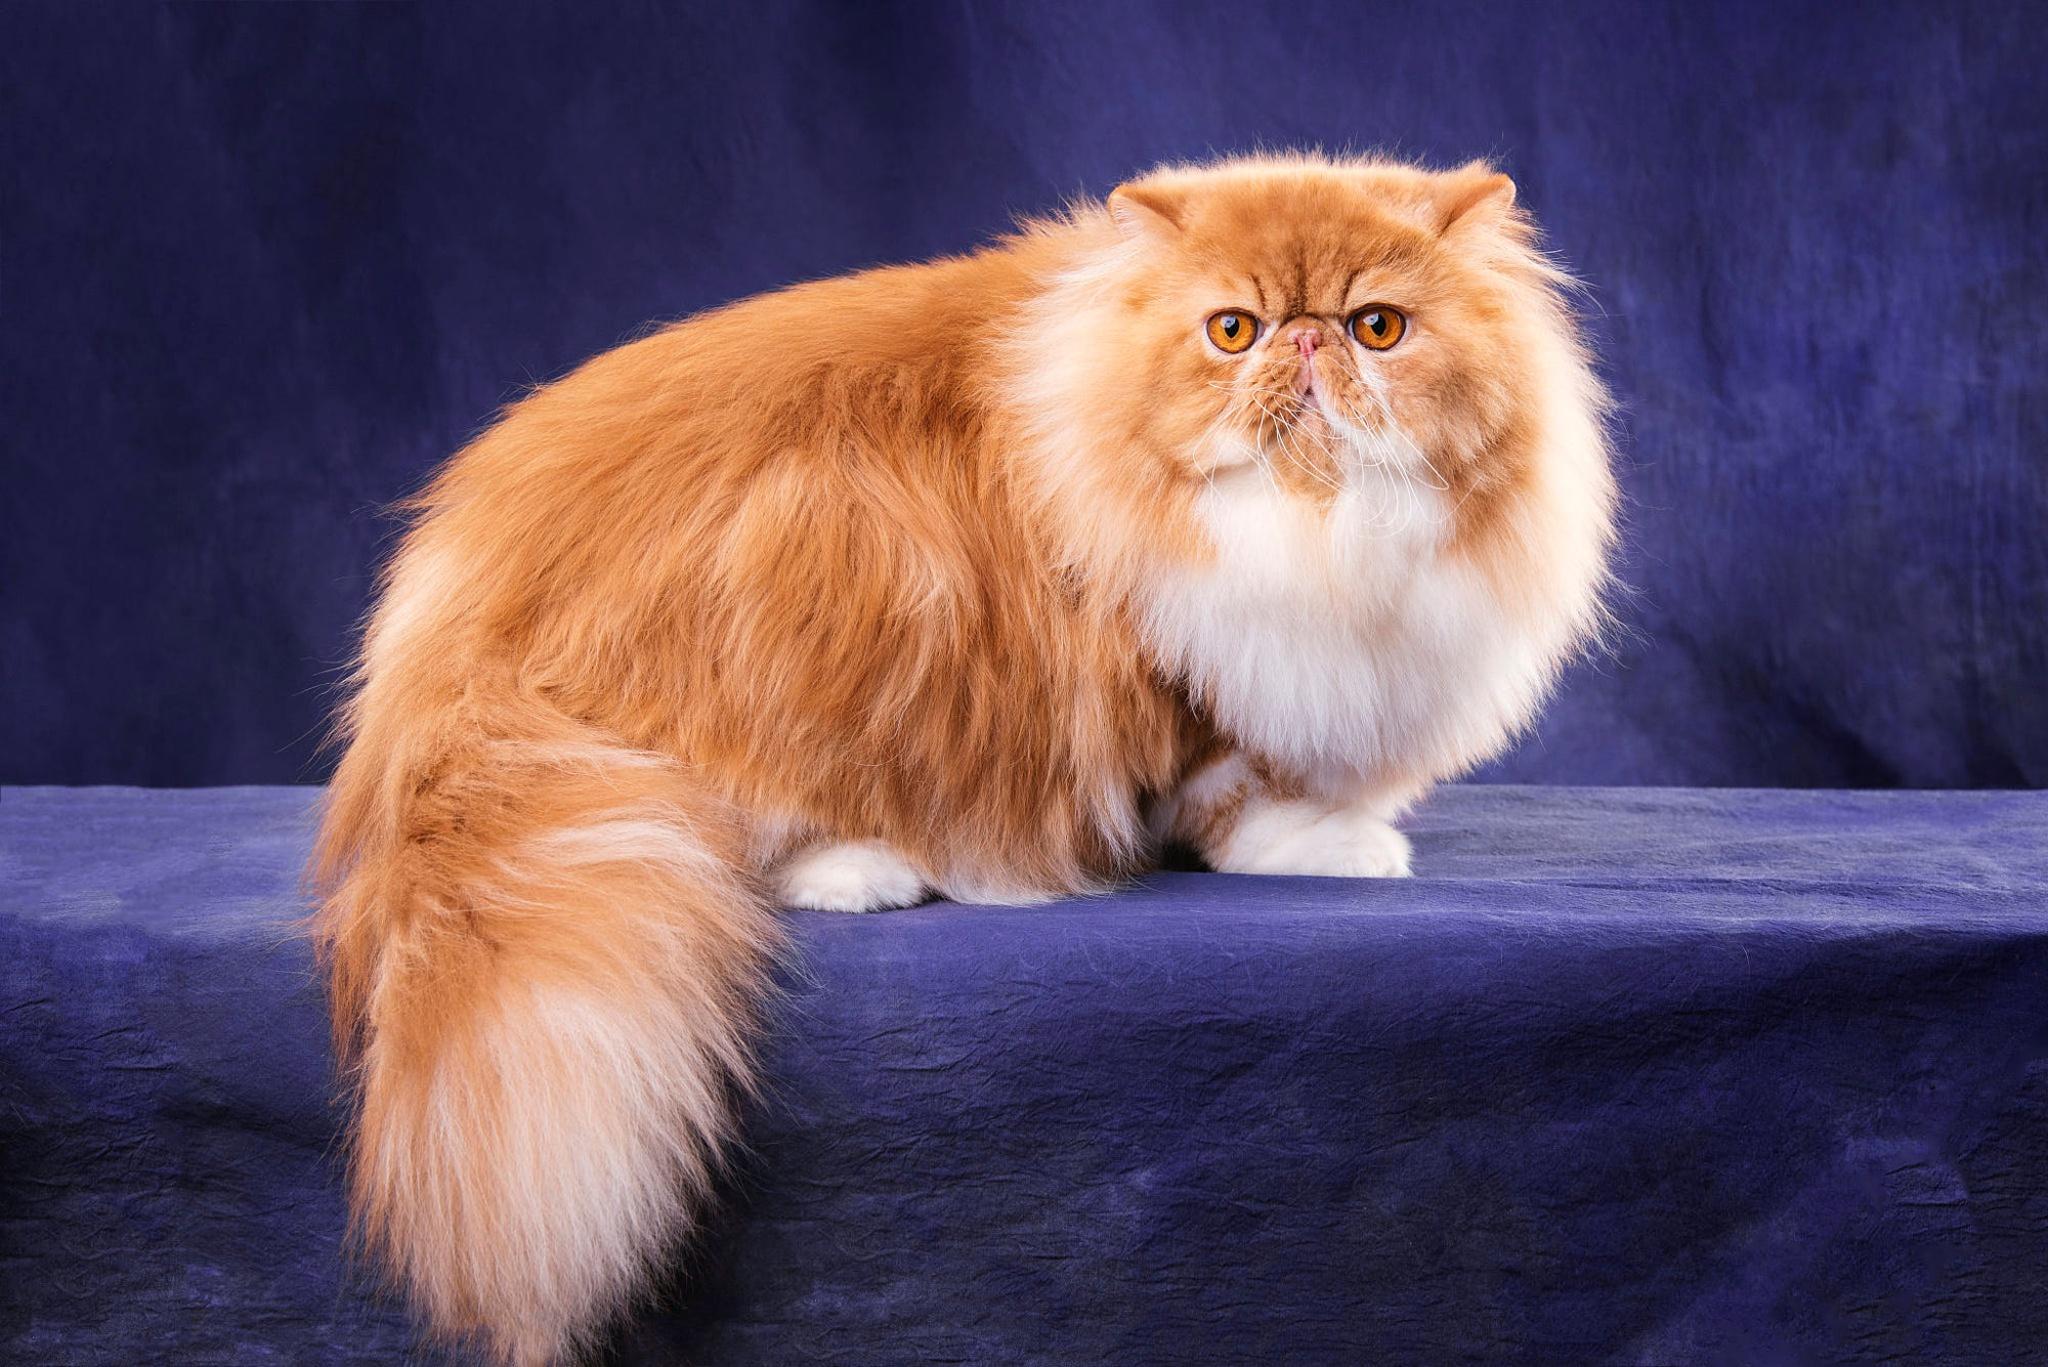 картинки кошек породистых пушистых выберете